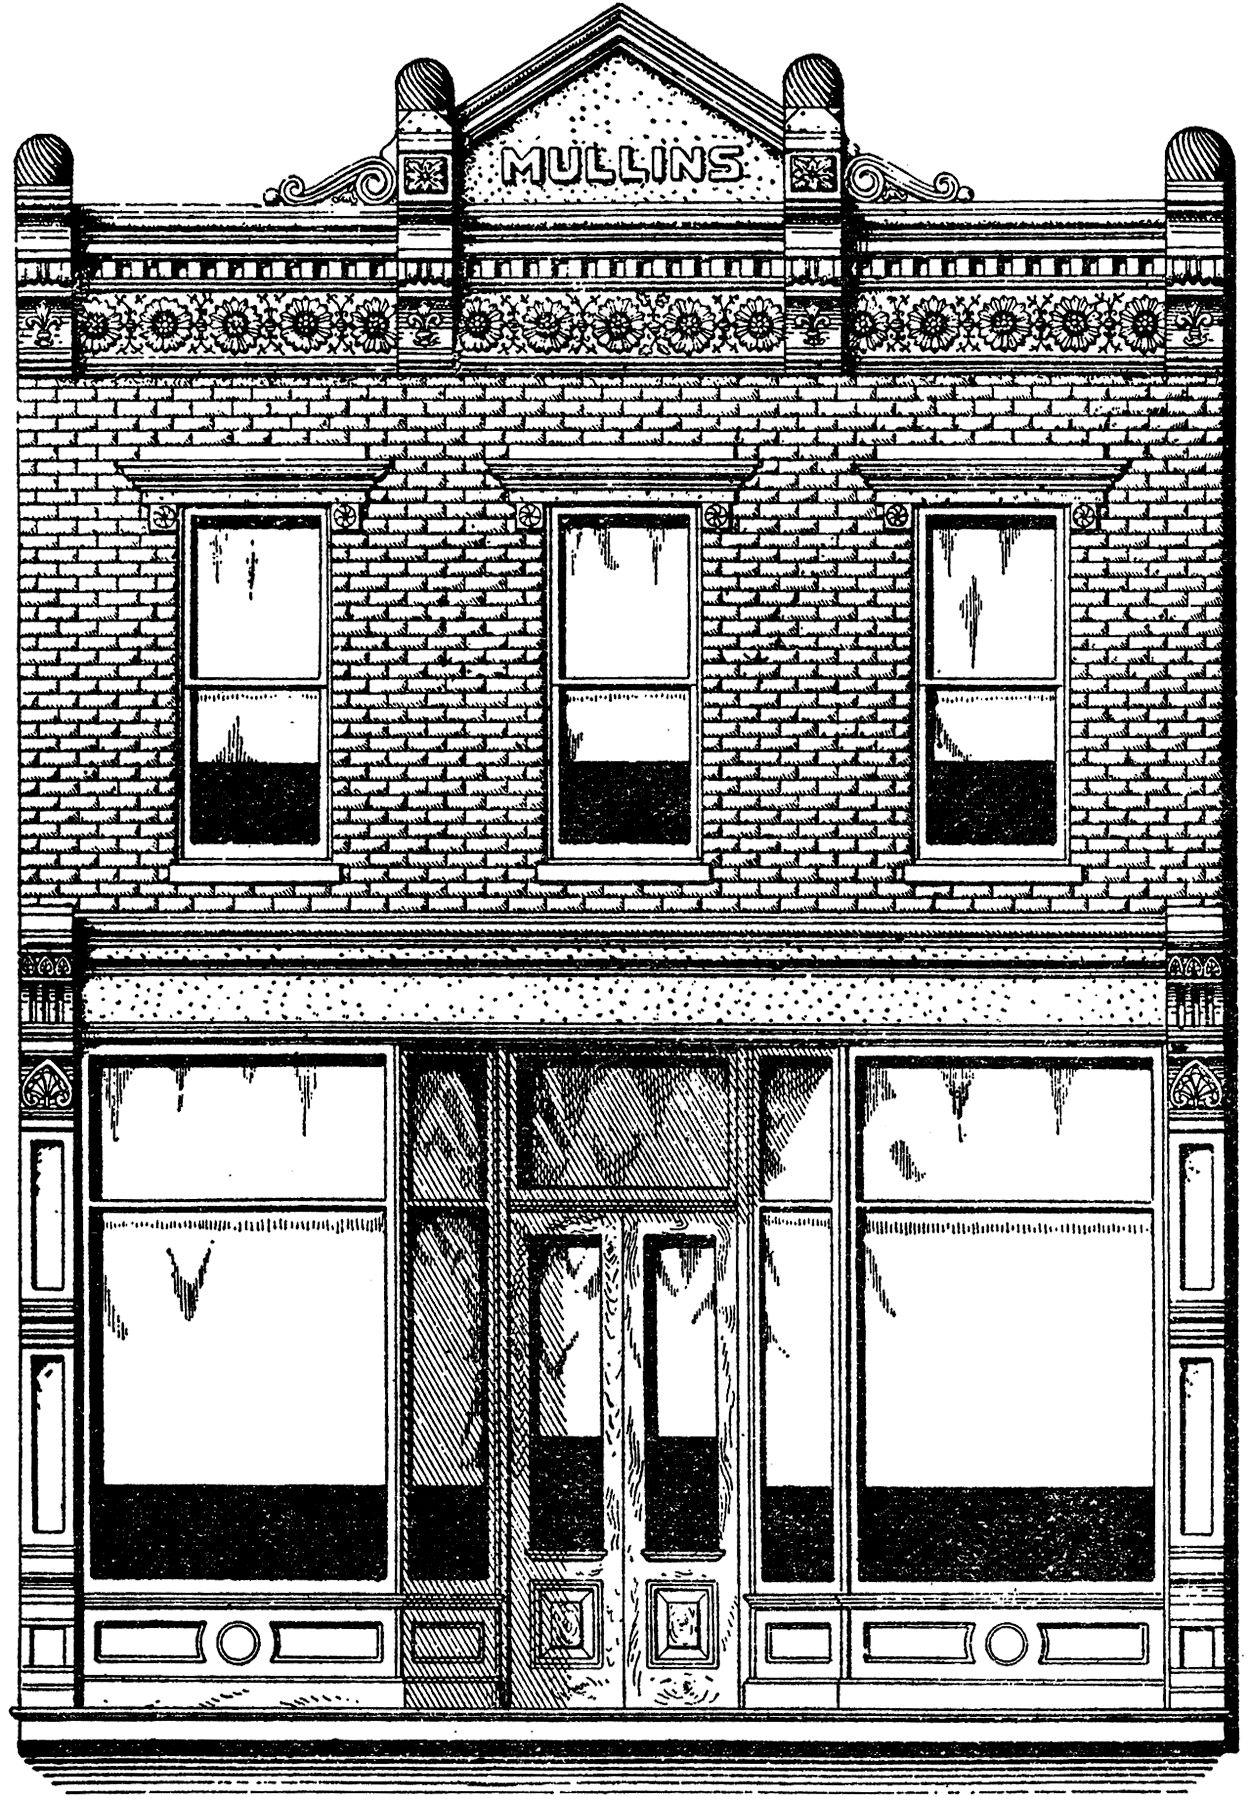 Brick Store Image Front Vintage NostalgicDessin 8wPn0Ok